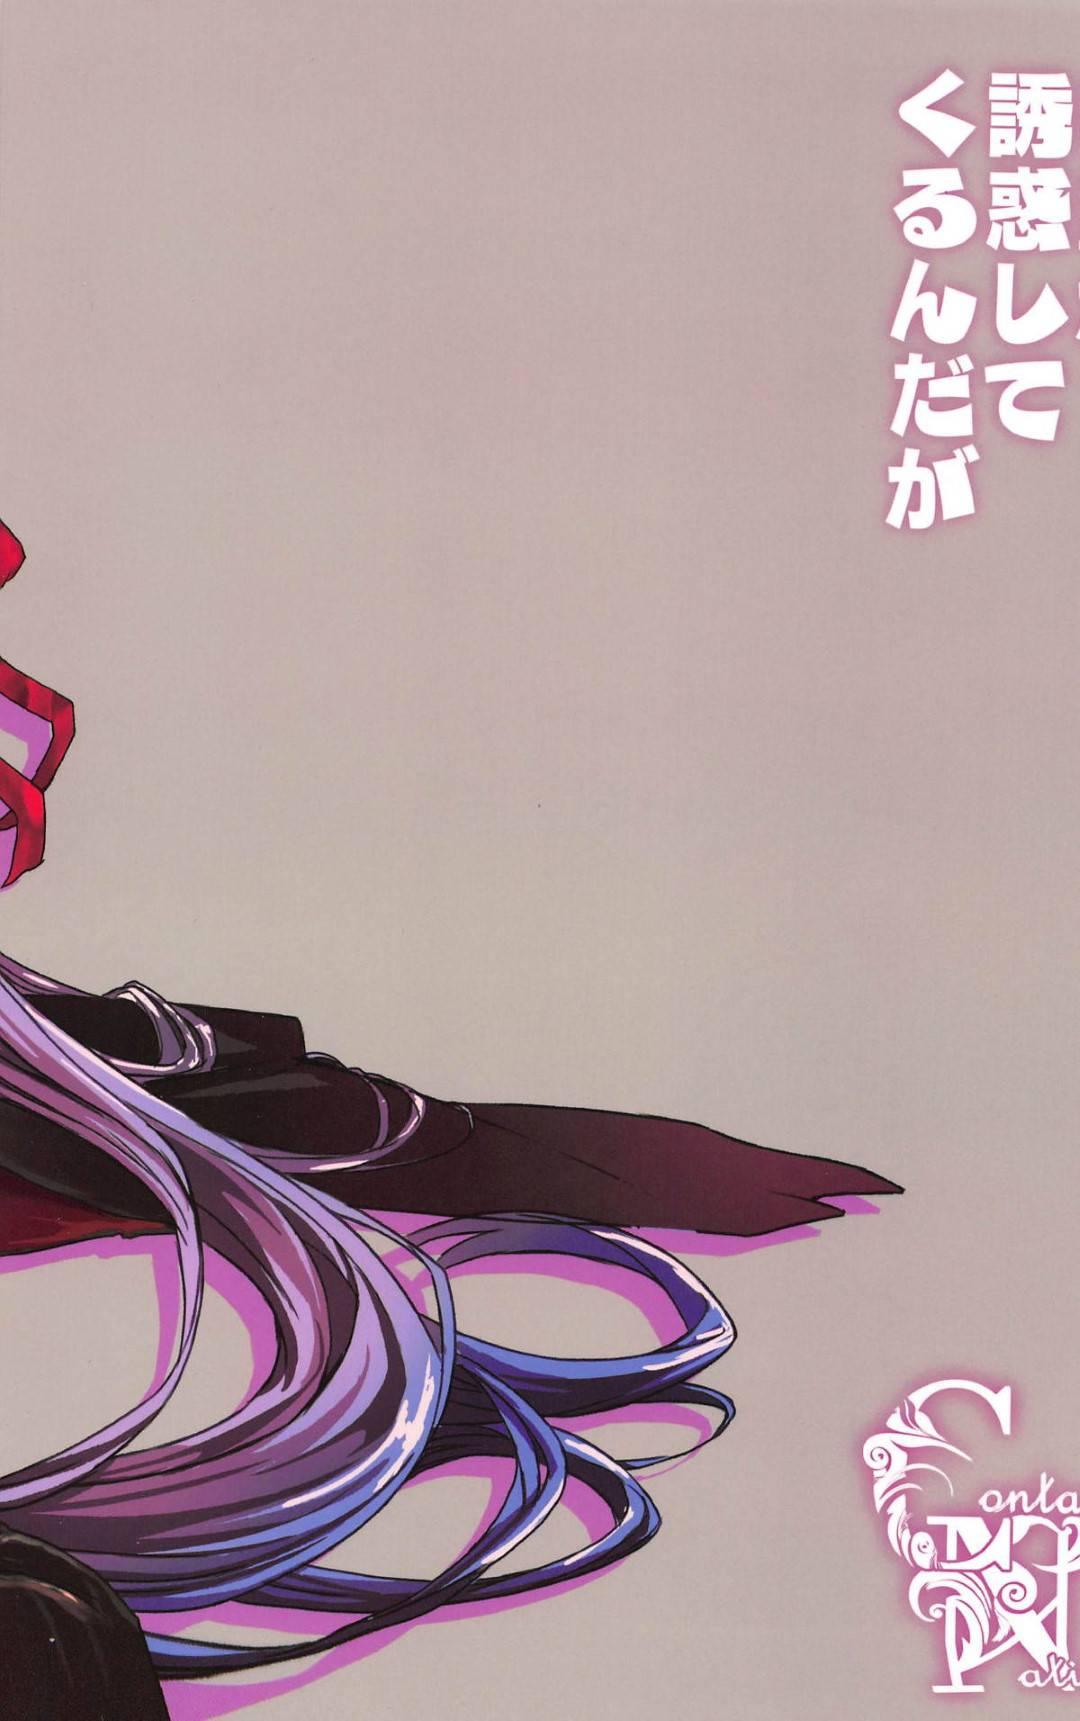 【Fateエロ漫画】後輩に強引にズボンを脱がされた主人公。予想以上のデカマラを目の当たりにした彼女はフェラで貪った後、騎乗位で生挿入してヨガりまくる。【eigetu】